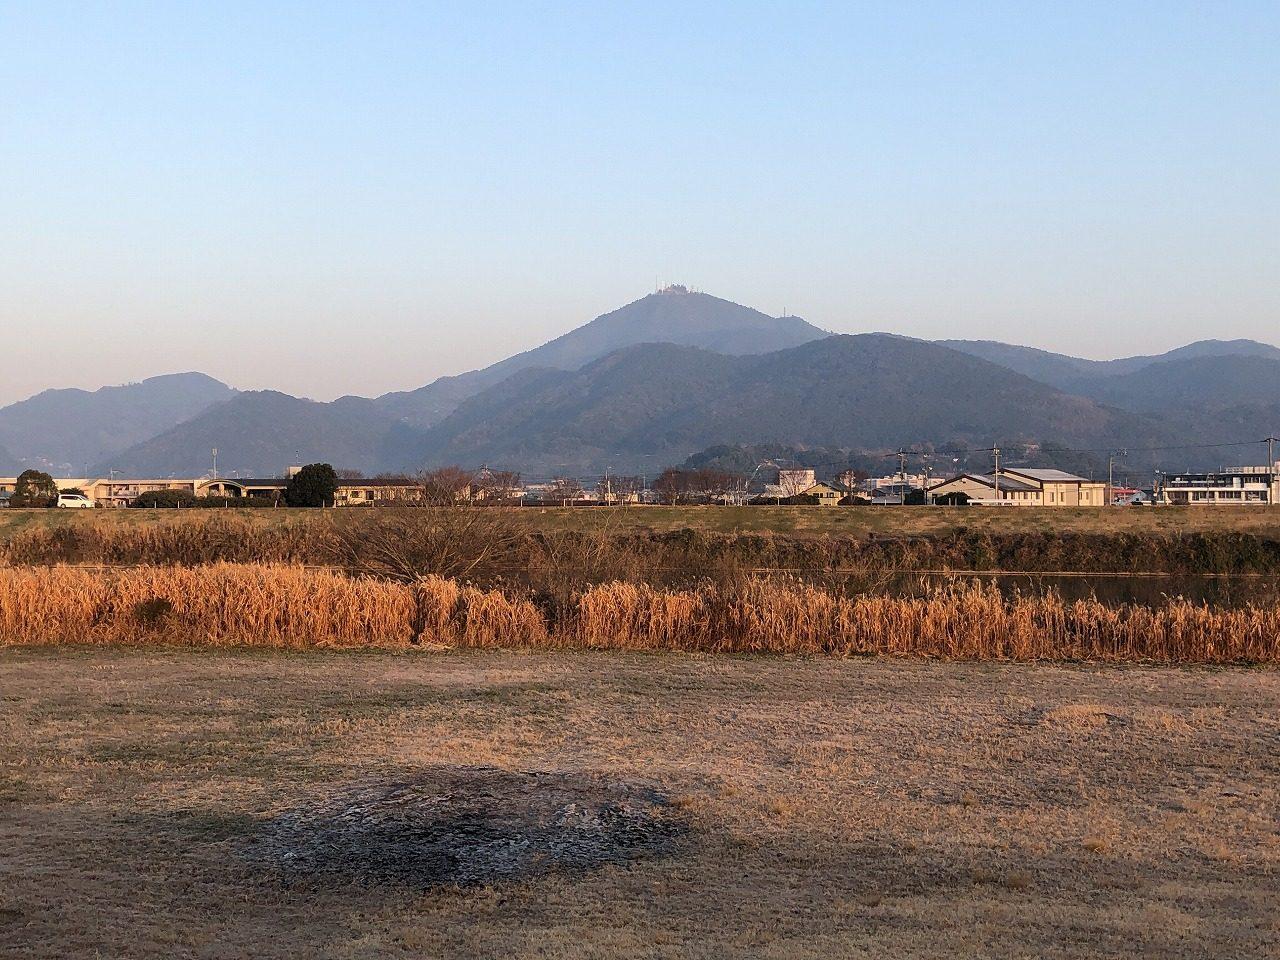 2019.1.25今朝の金峰山です。